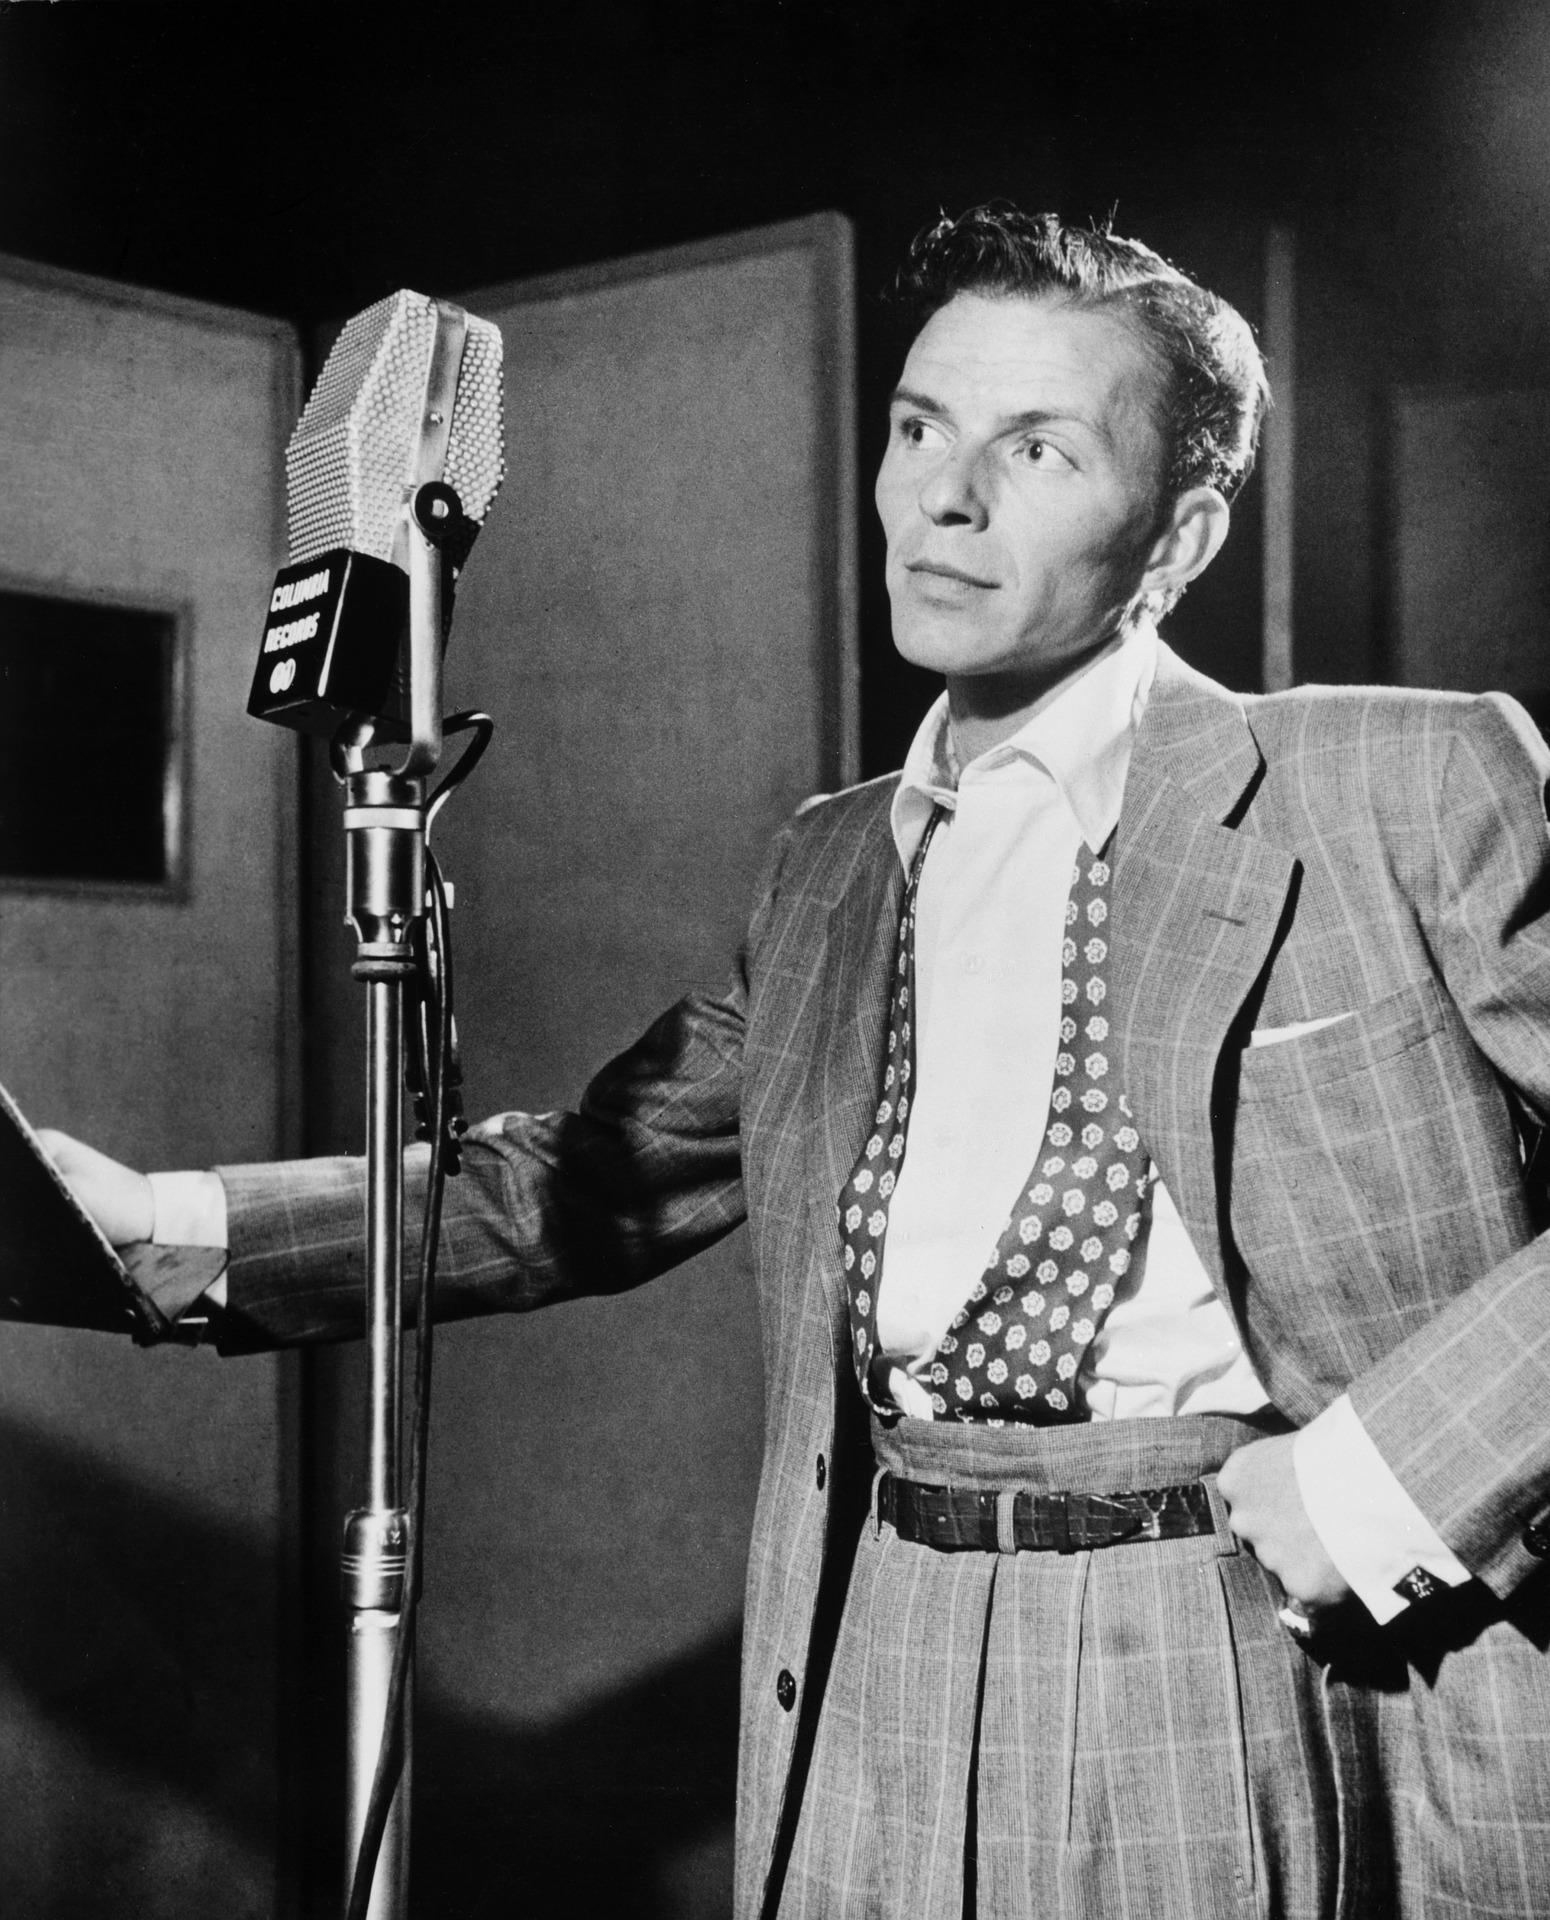 Singer Frank Sinatra